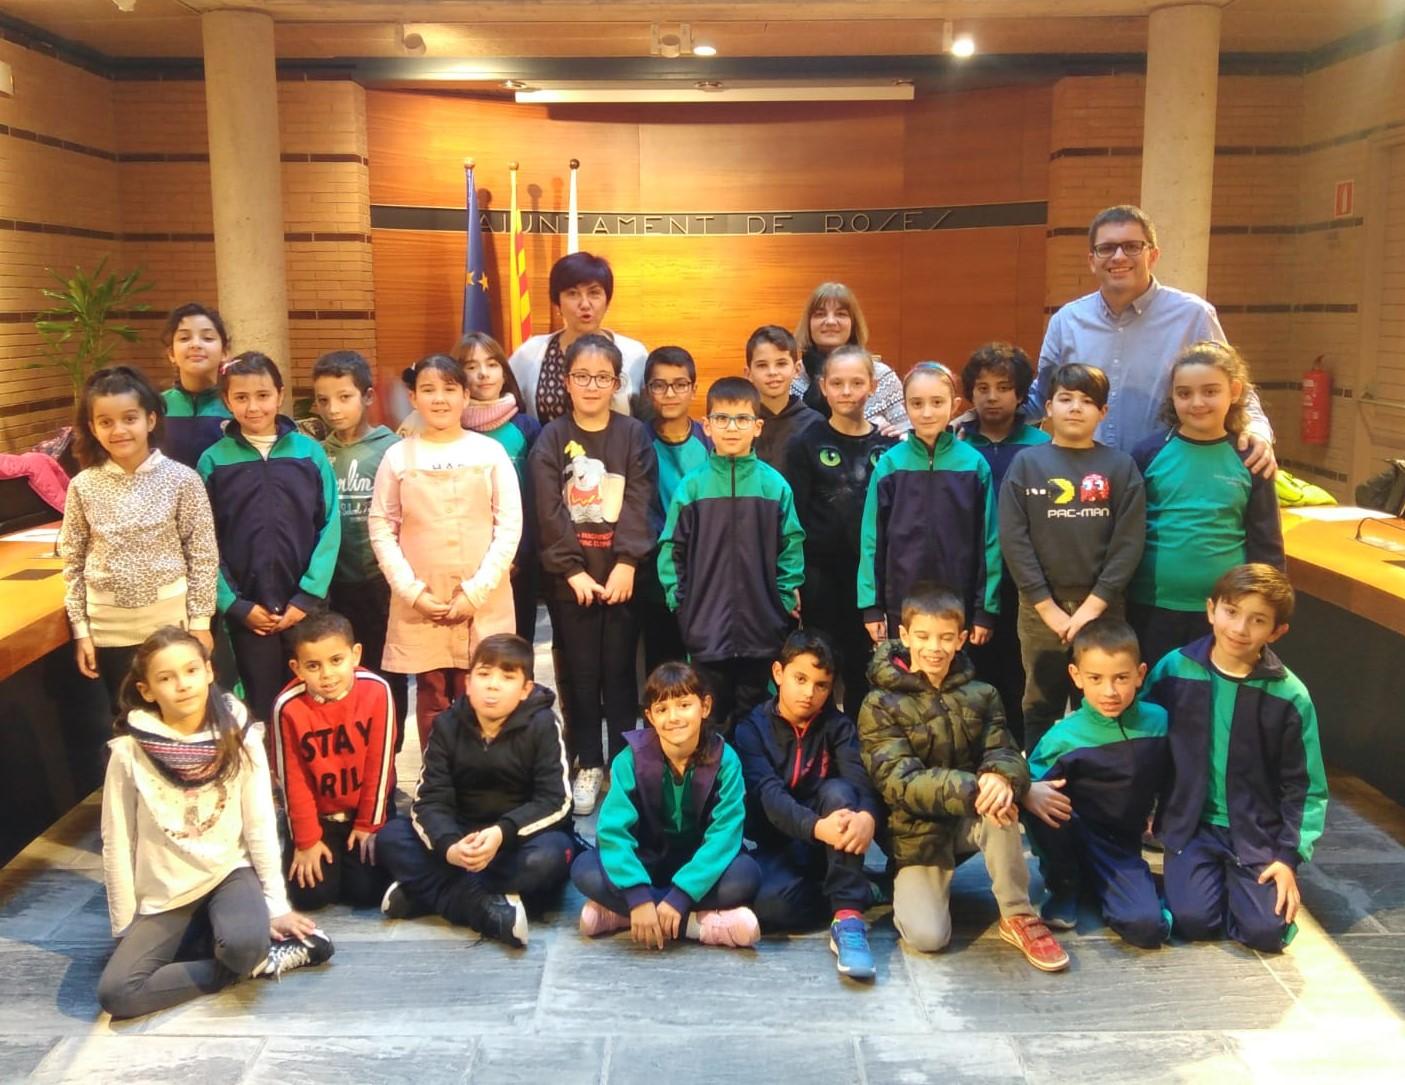 Els escolars de 3r de primària de Roses visiten l'Ajuntament